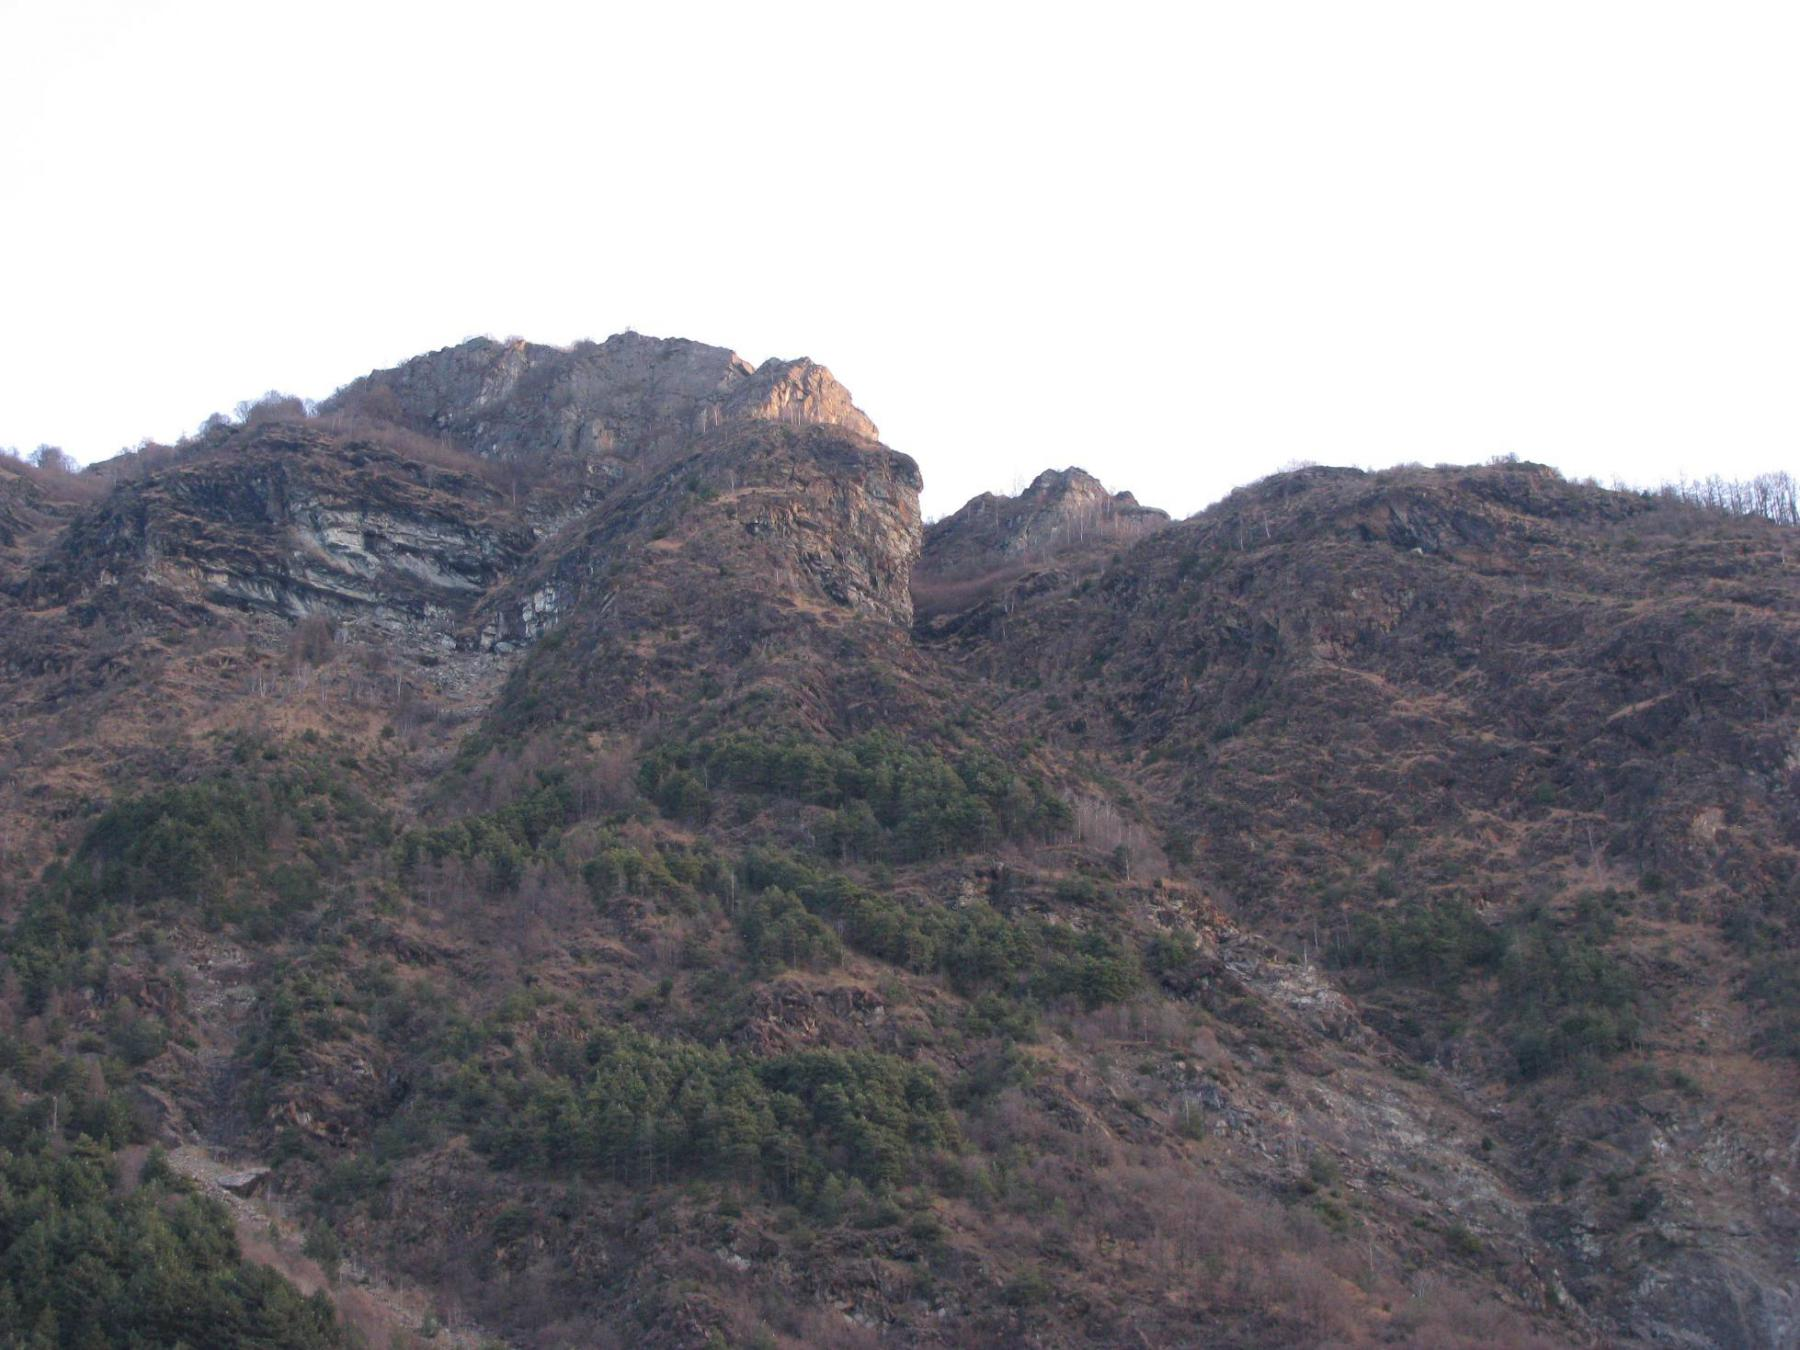 Partenza, al centro, l'intaglio di inizio del percorso di cresta